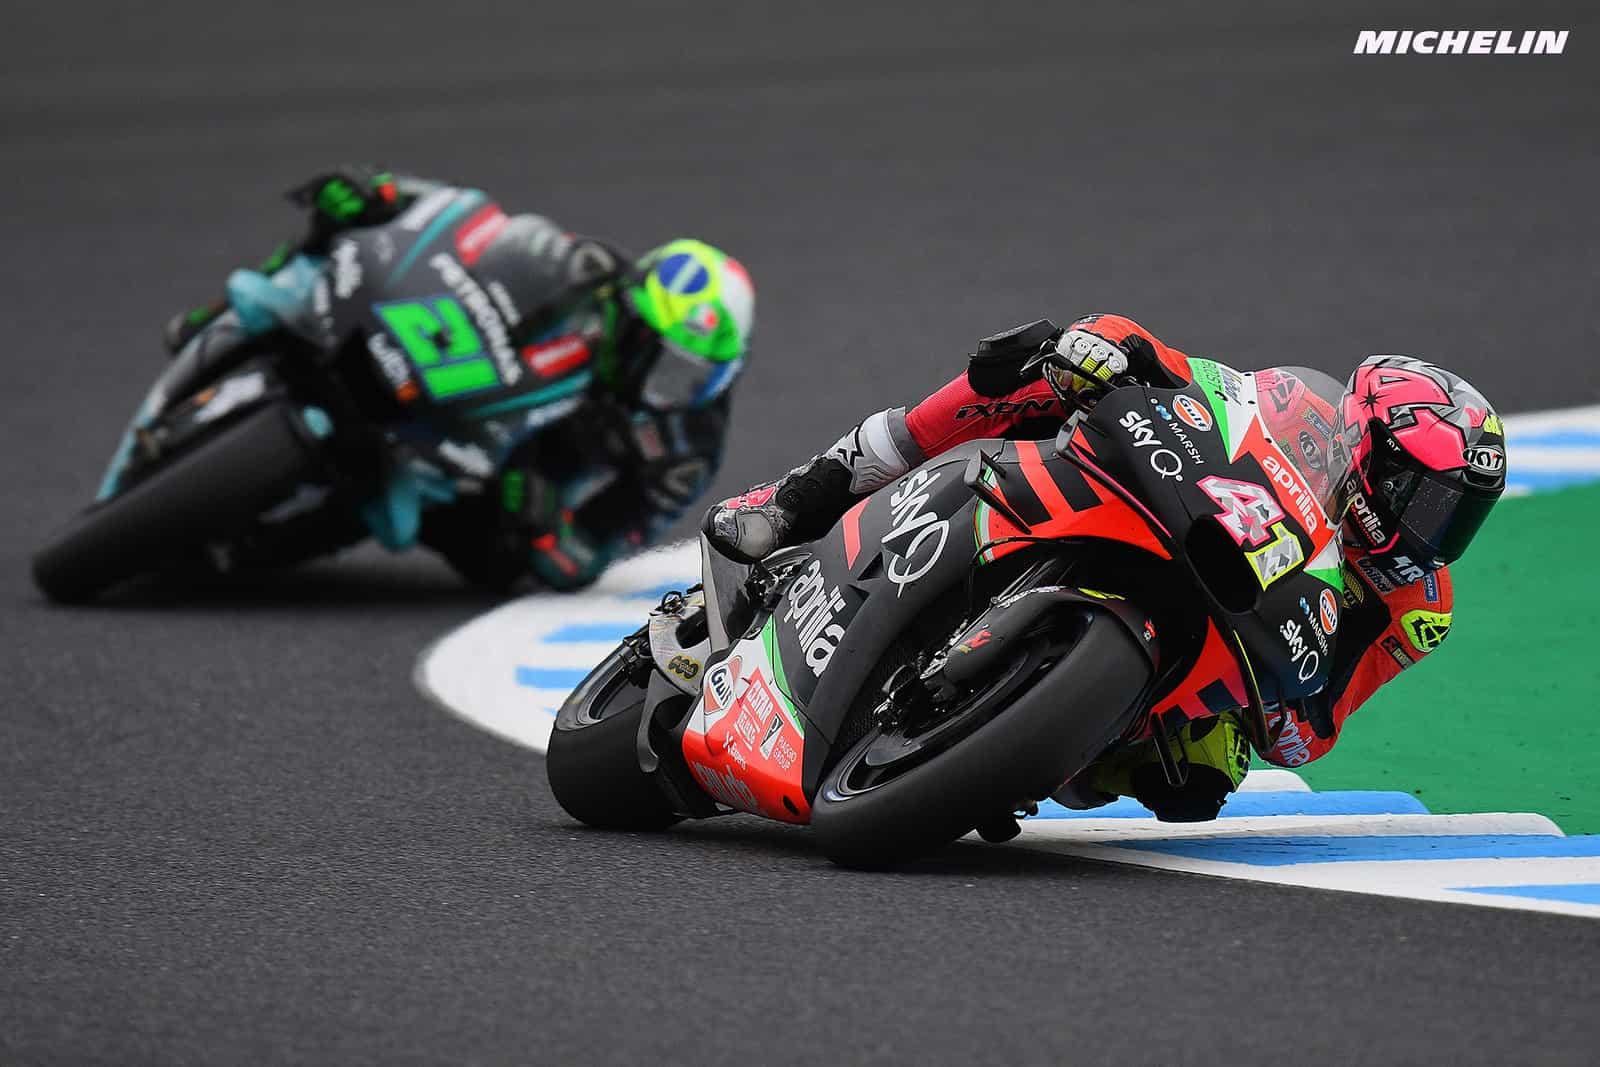 アプリリアレーシングCEO マッシモ・リヴォラ「ライダーを完走させられない事が腹立たしい」